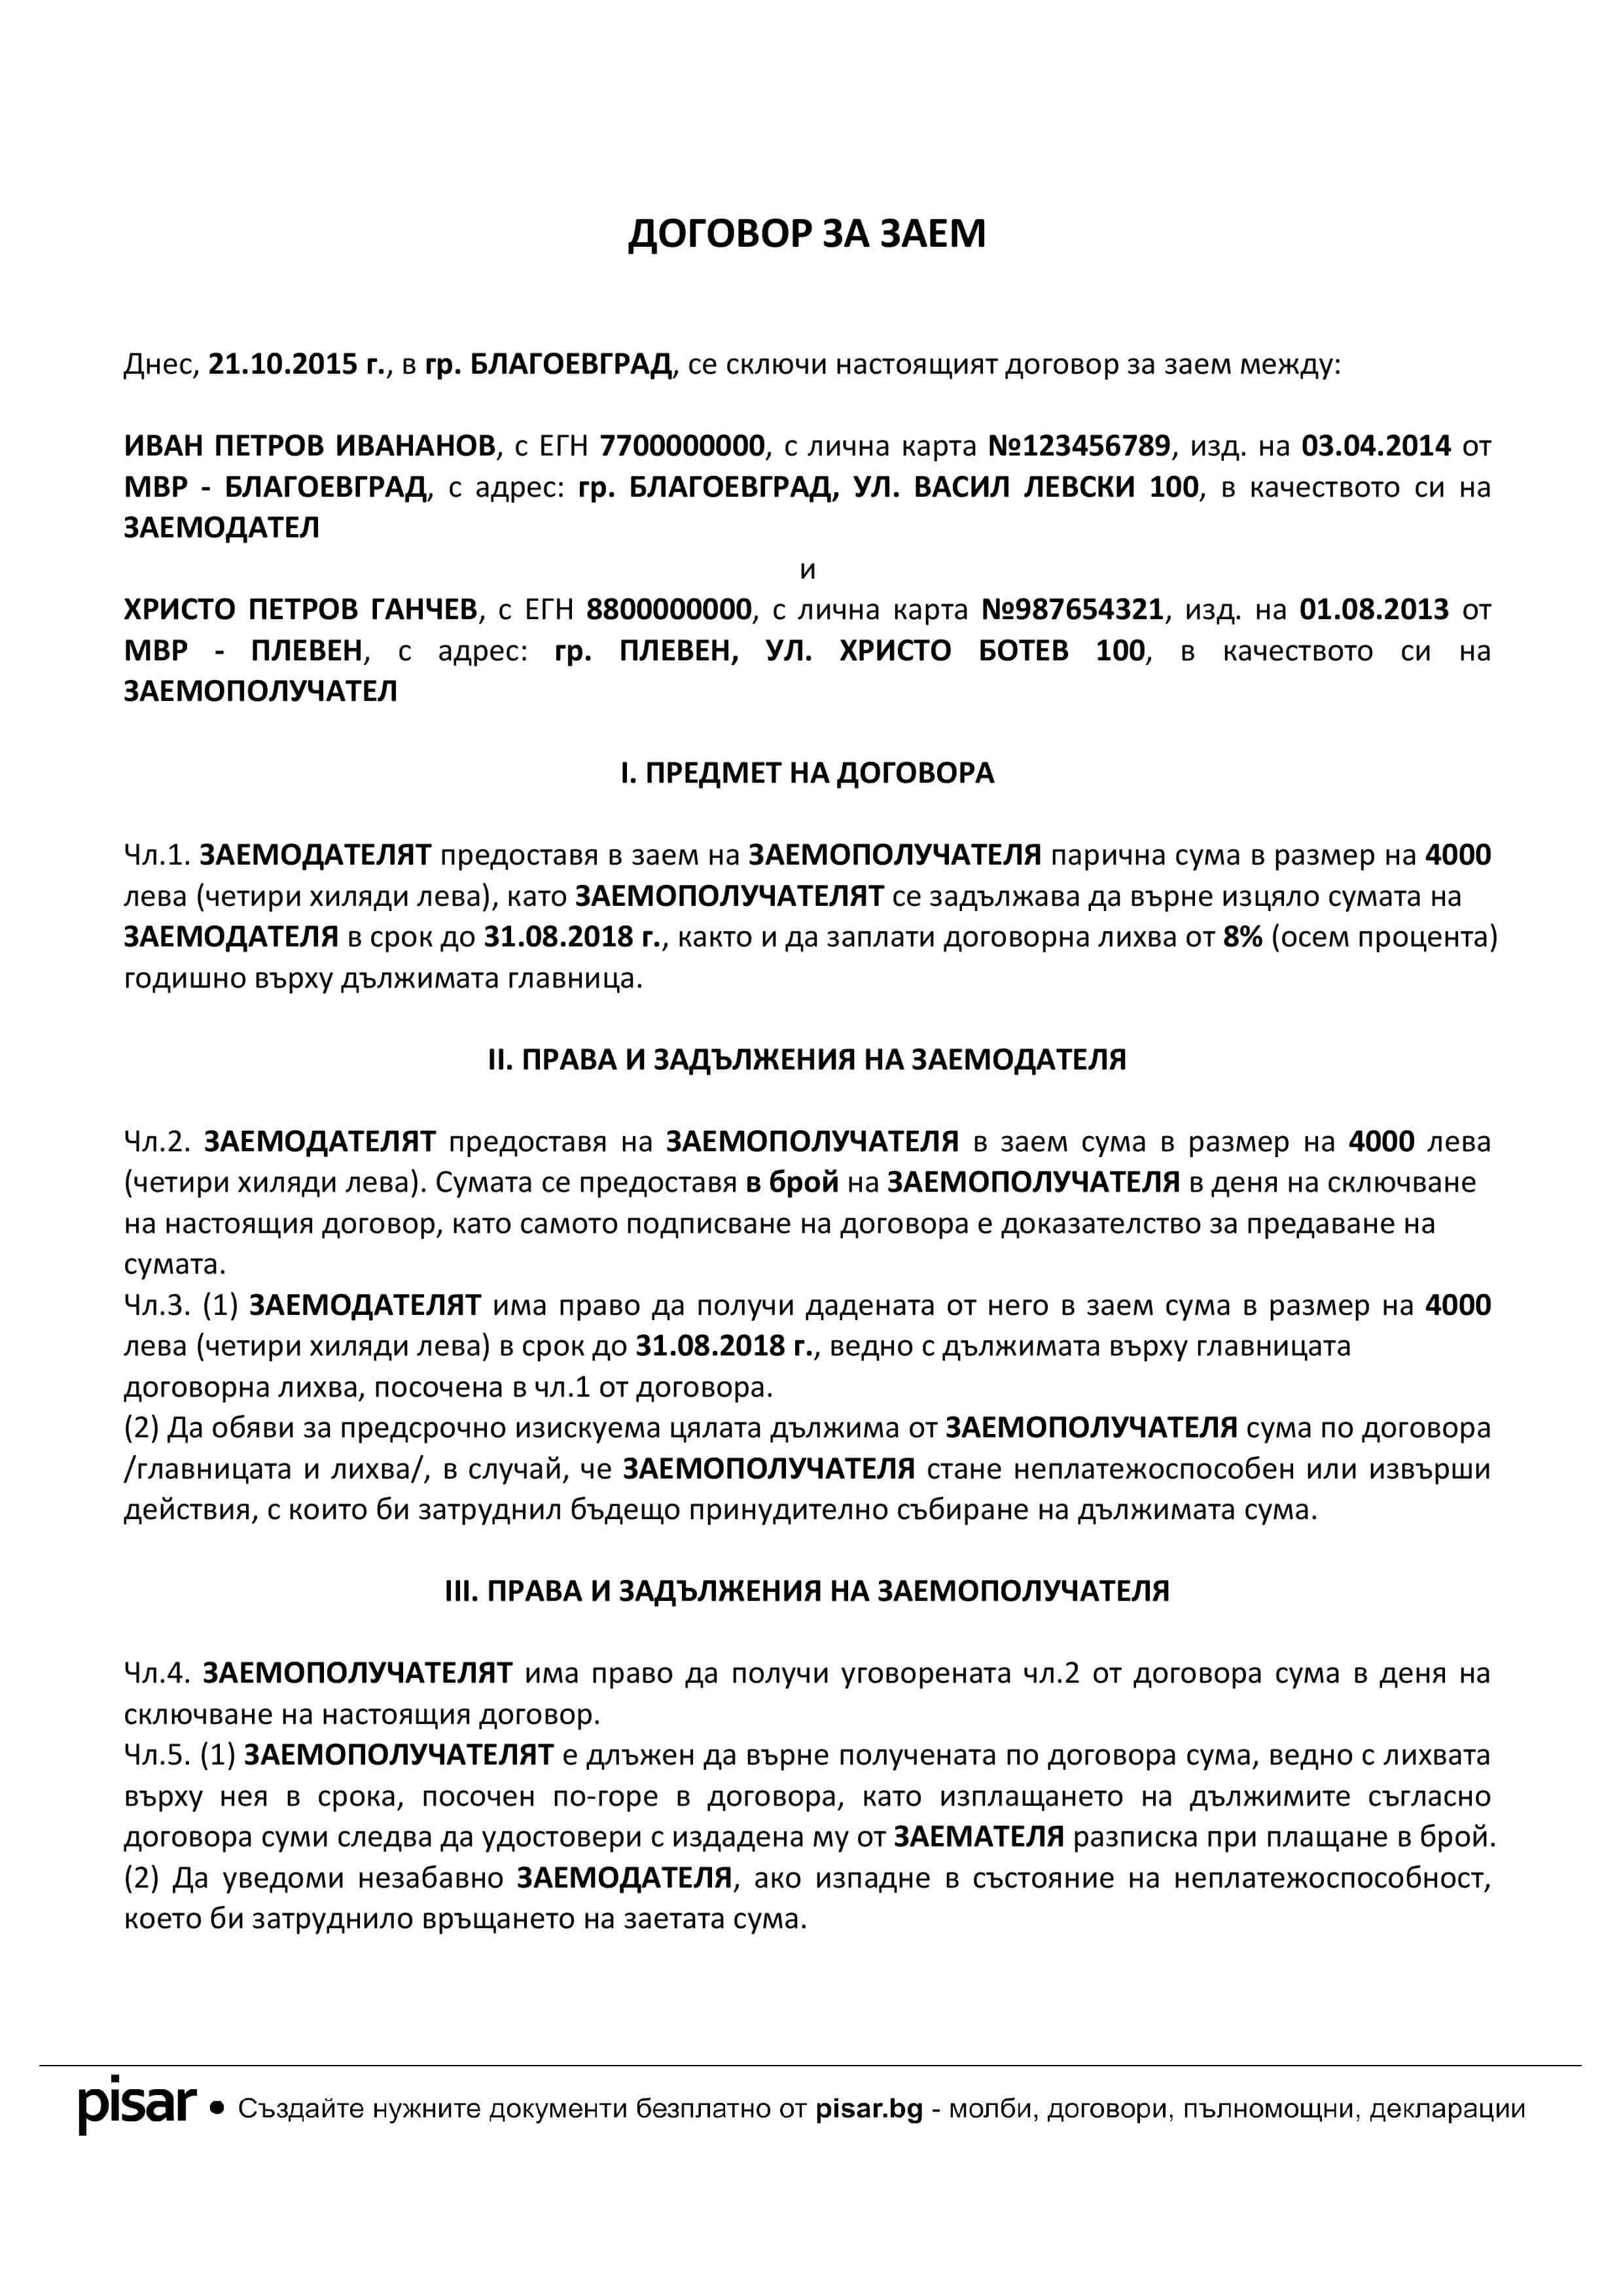 Примерен документ Договор за заем